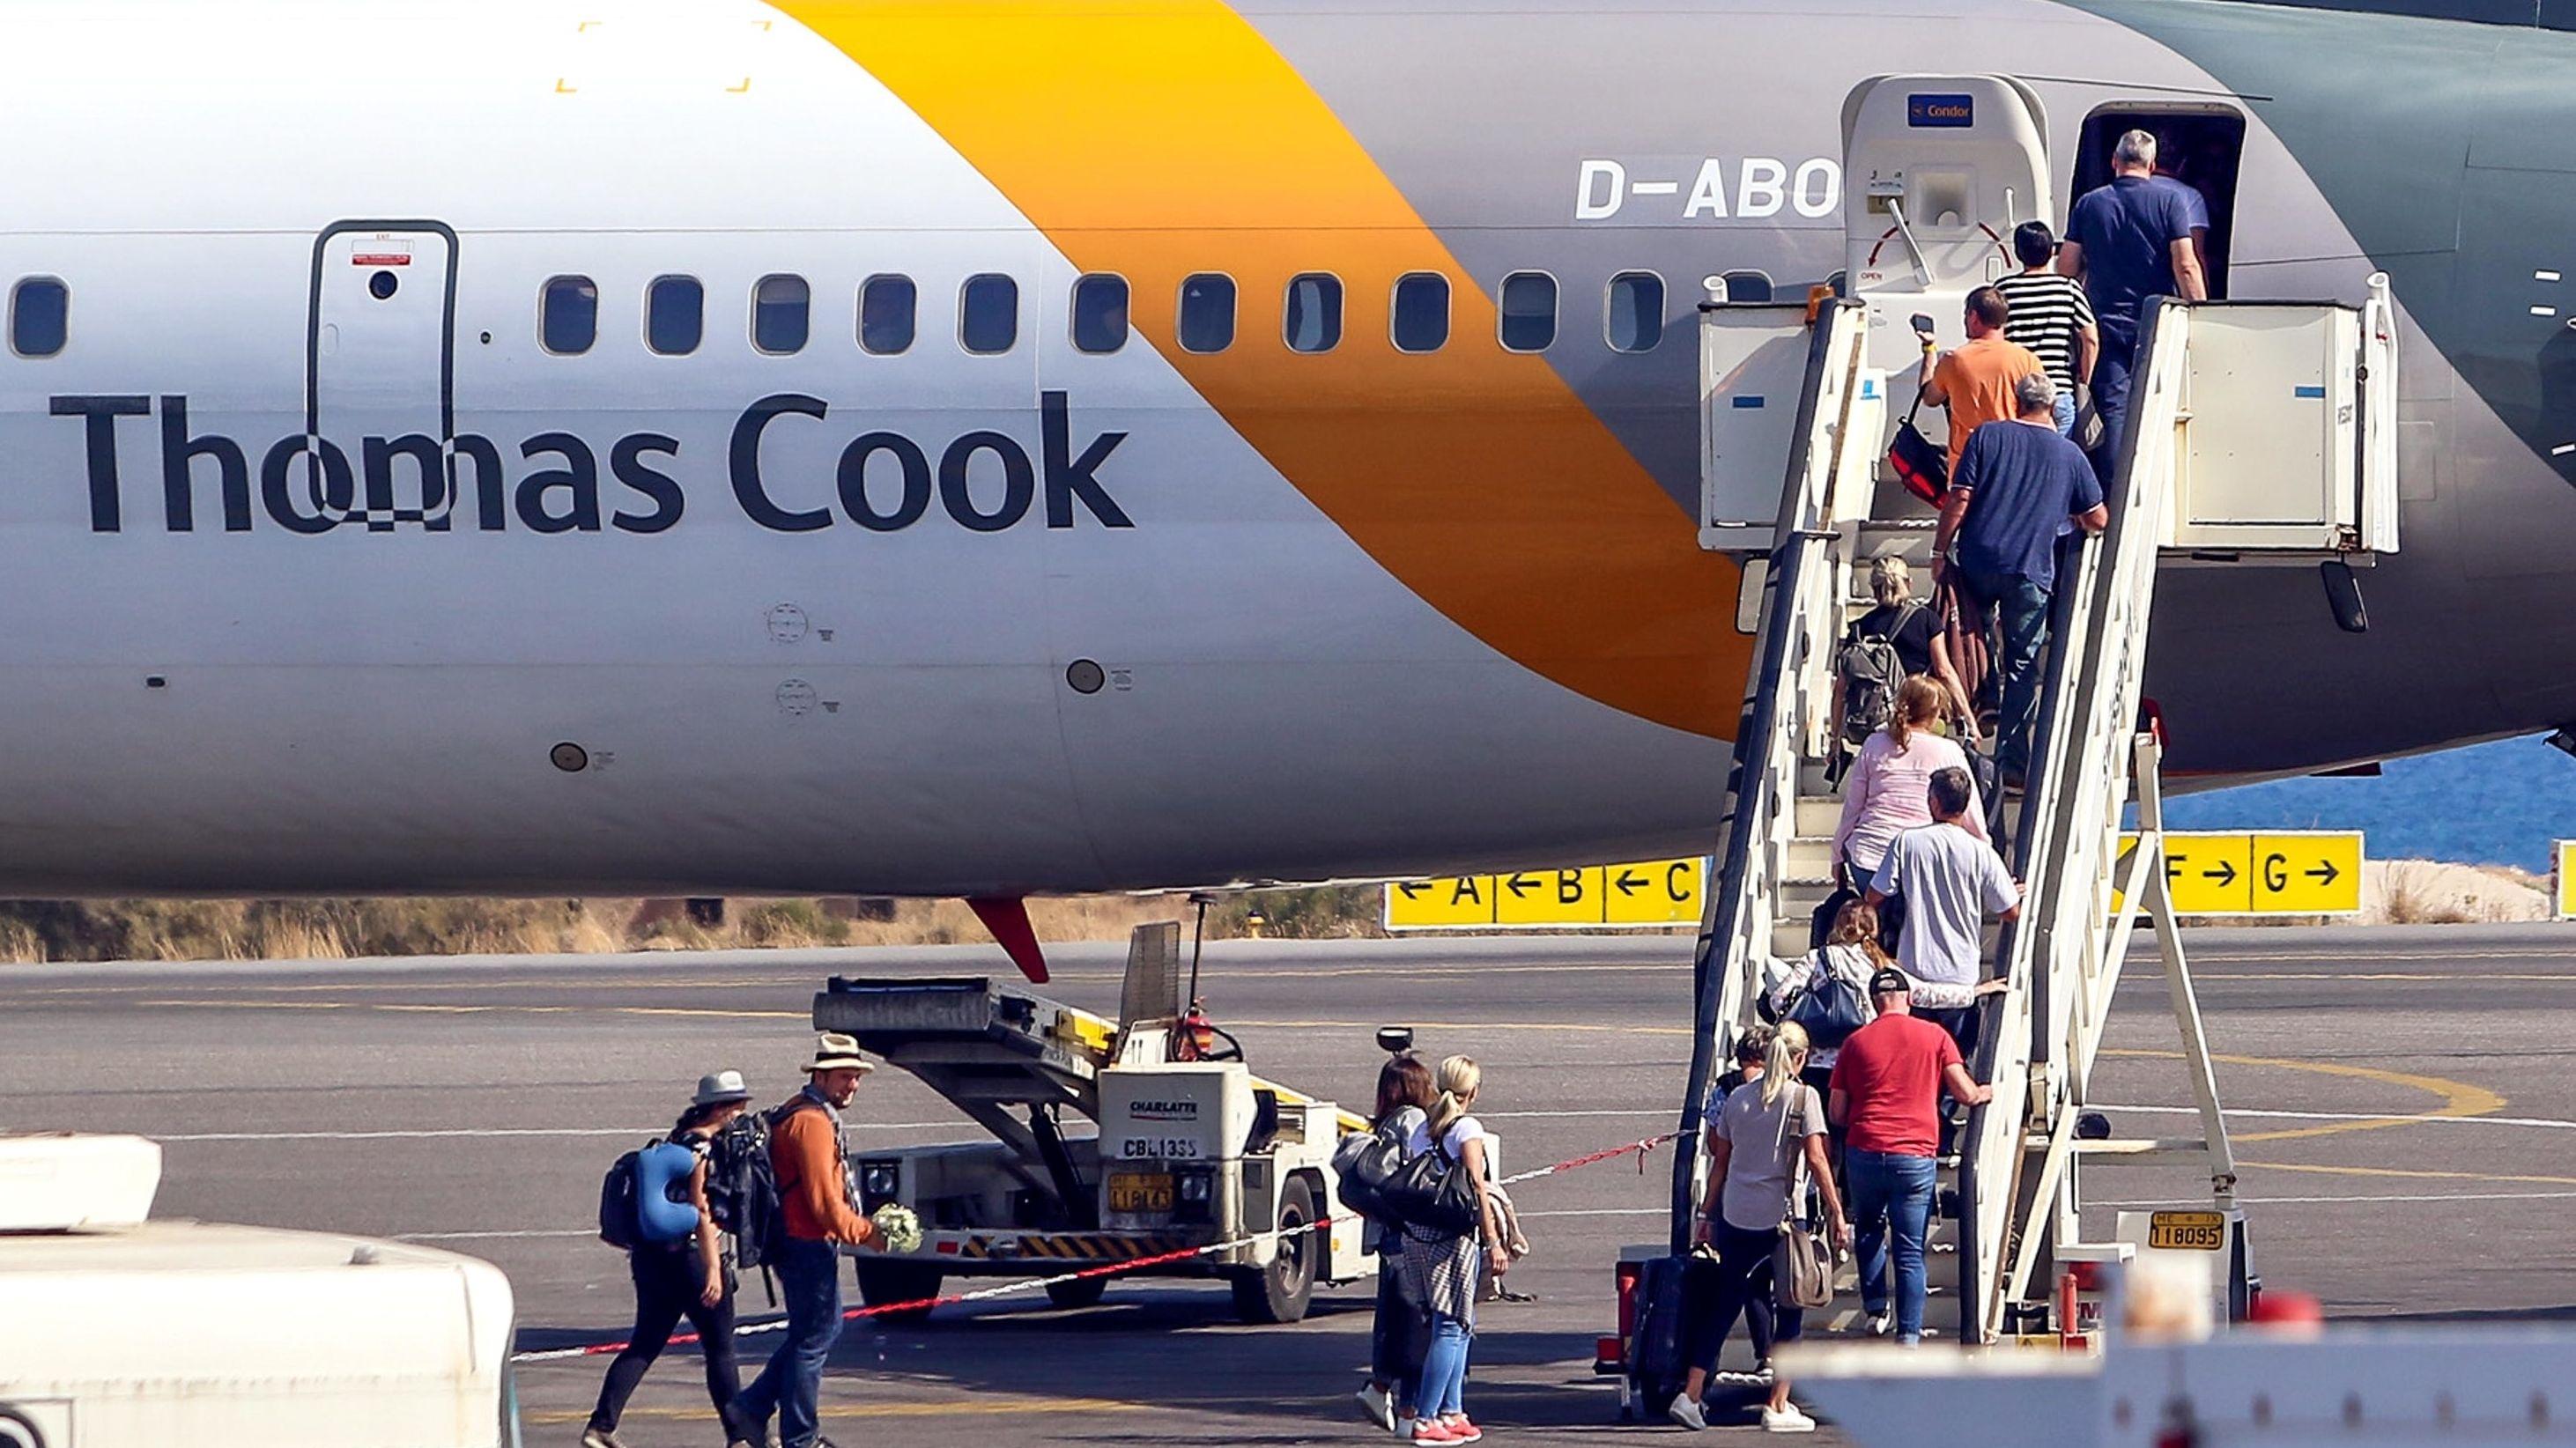 Fluggäste steigen in Thomas-Cook-Flugzeug